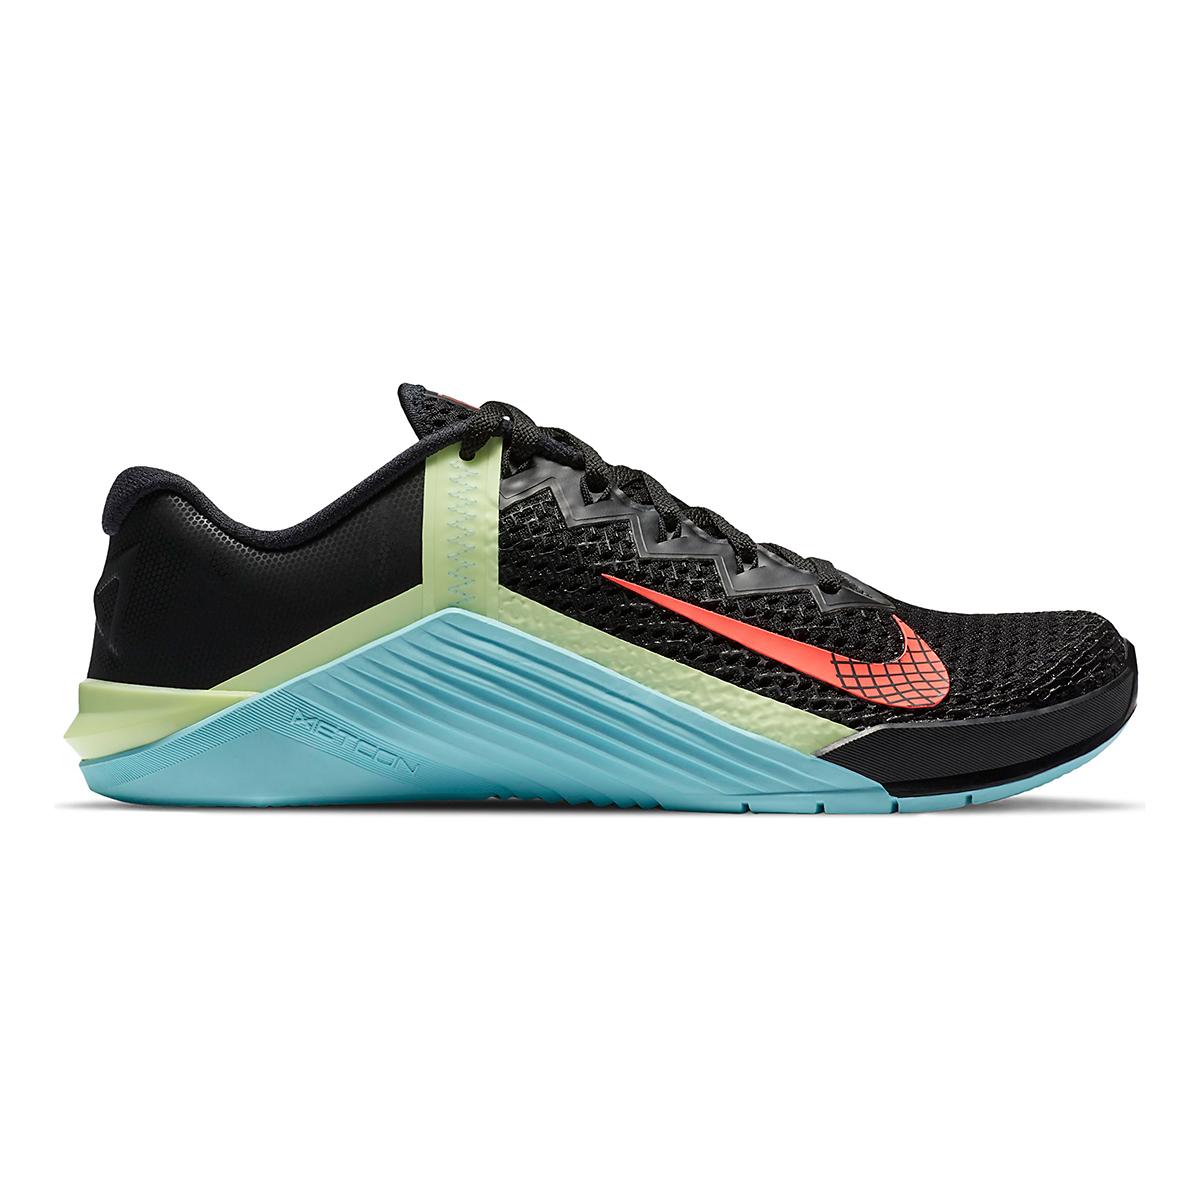 Nike Metcon 6 Training Shoe $68 + Free Shipping